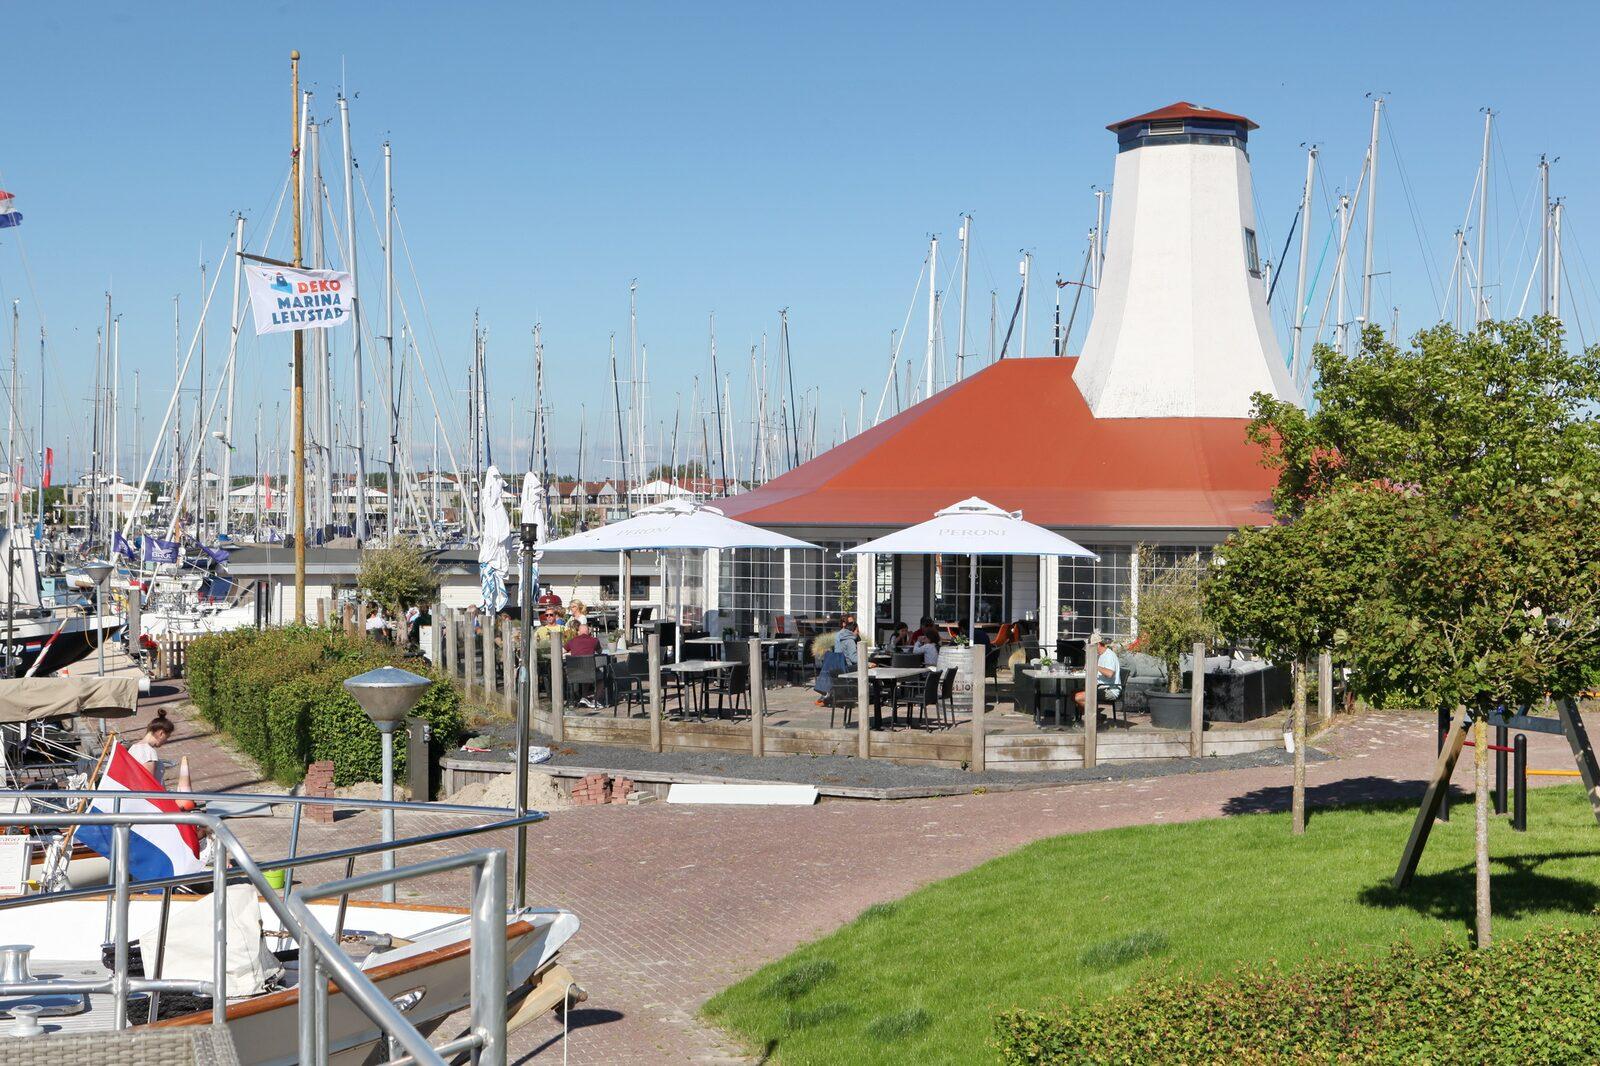 Havenlodge 6 Personen Deko-Jachthafen Lelystad